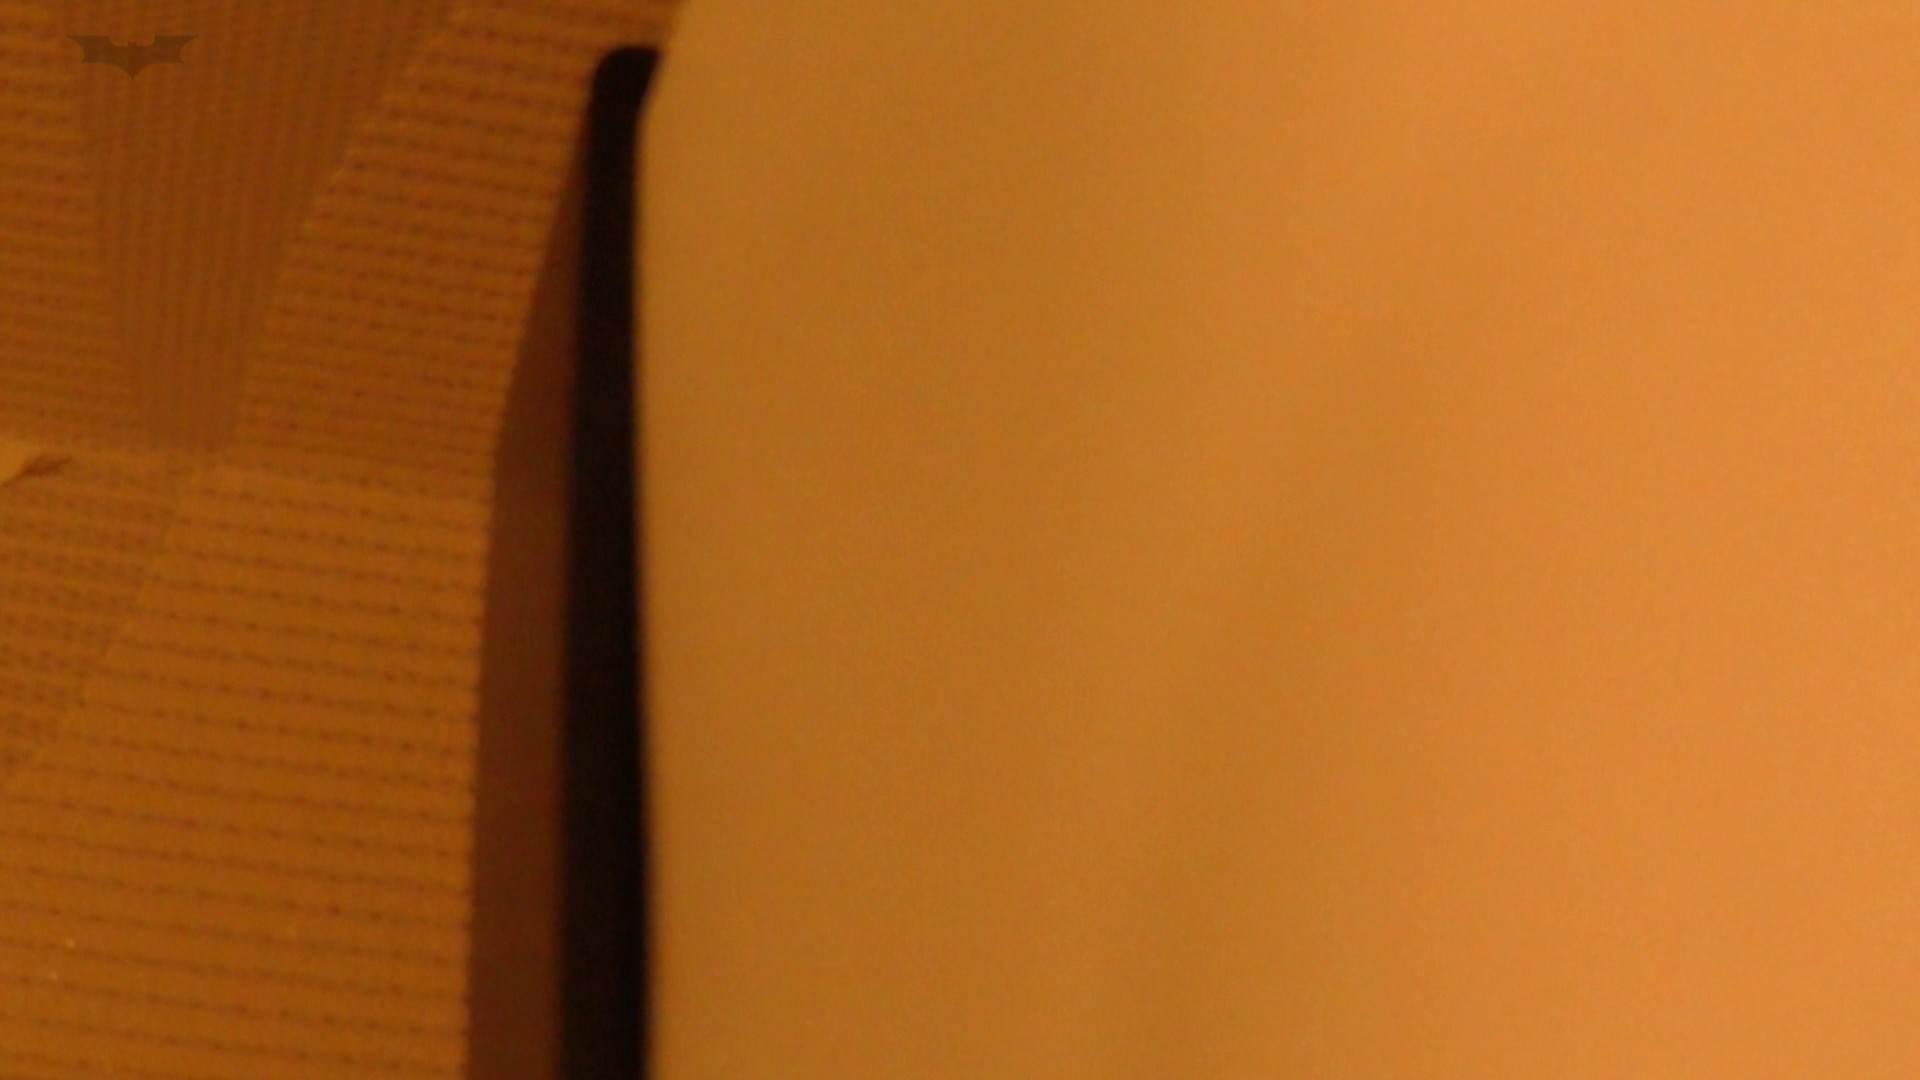 内緒でデリヘル盗撮 Vol.01後編 えっろいデリ嬢はやっぱりごっくん! ごっくん  66Pix 16